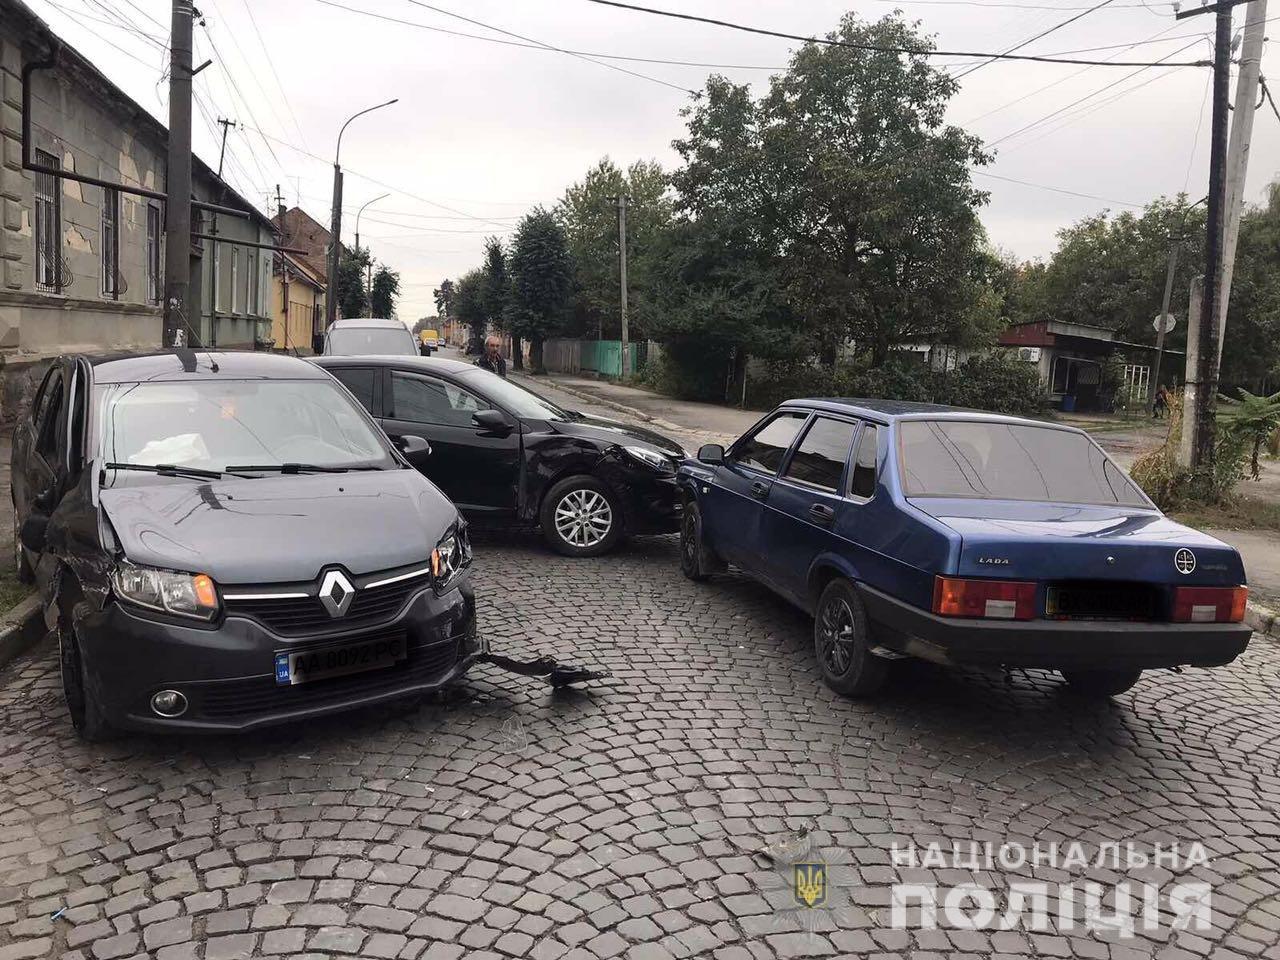 Поліція розпочала слідство за фактом потрійної ДТП у Мукачеві, в якій постраждала дитина (ФОТО), фото-1